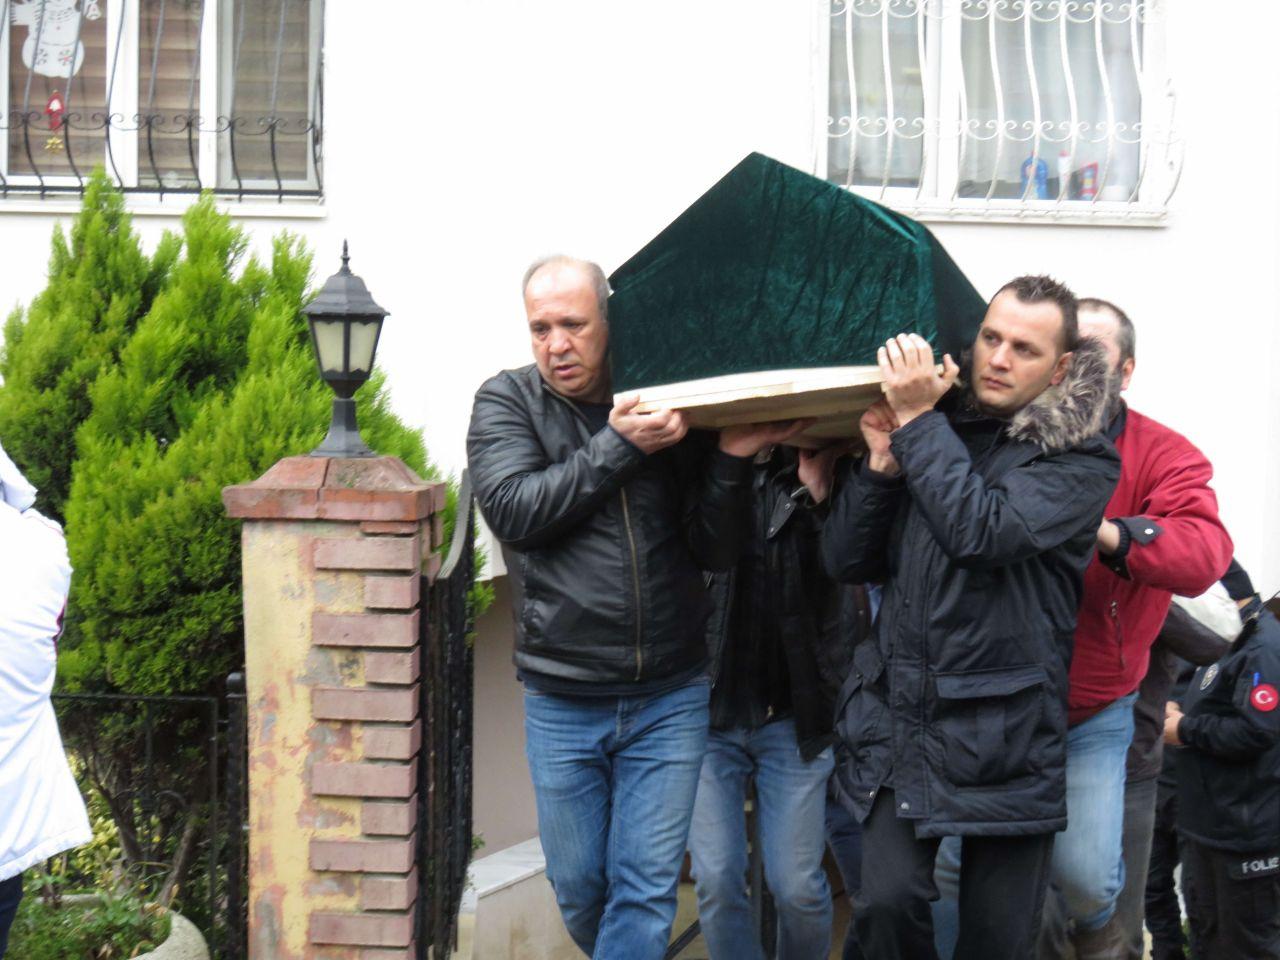 Ümraniye'de öldürülen kadının katili bakın kim çıktı! - Sayfa 6